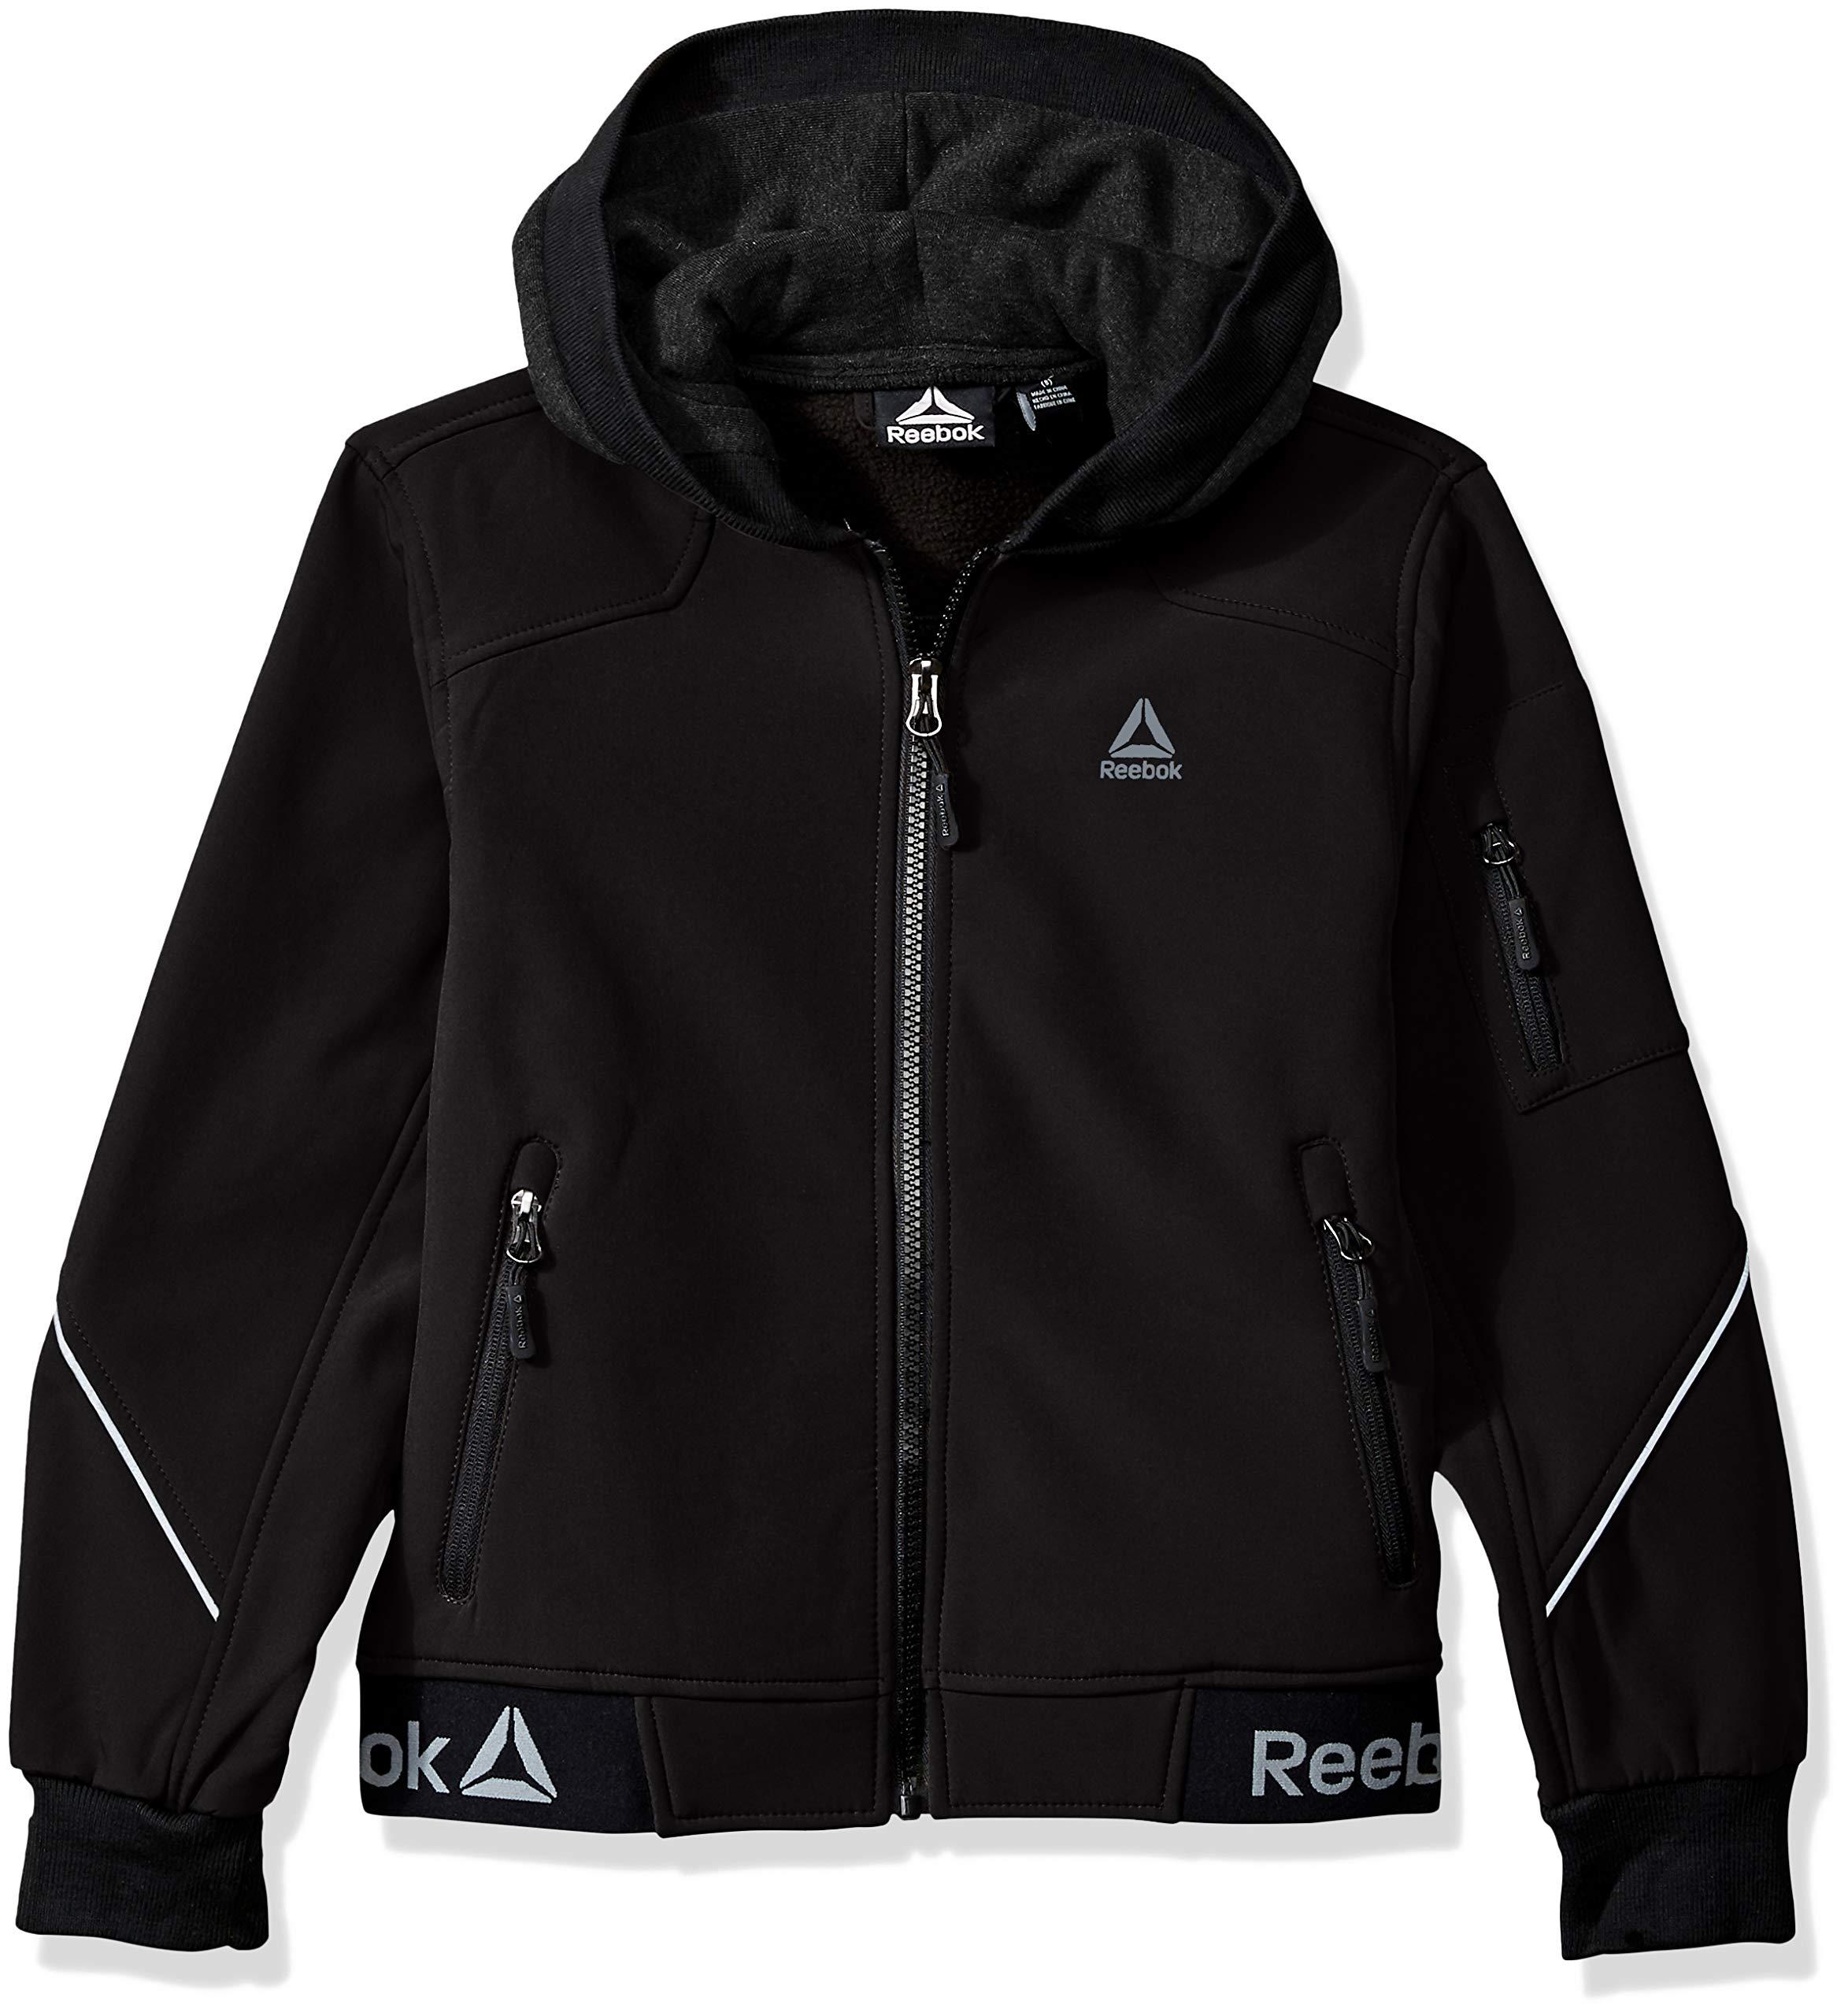 Reebok Boys' Big Active Logo Hem Jacket, Black 14/16